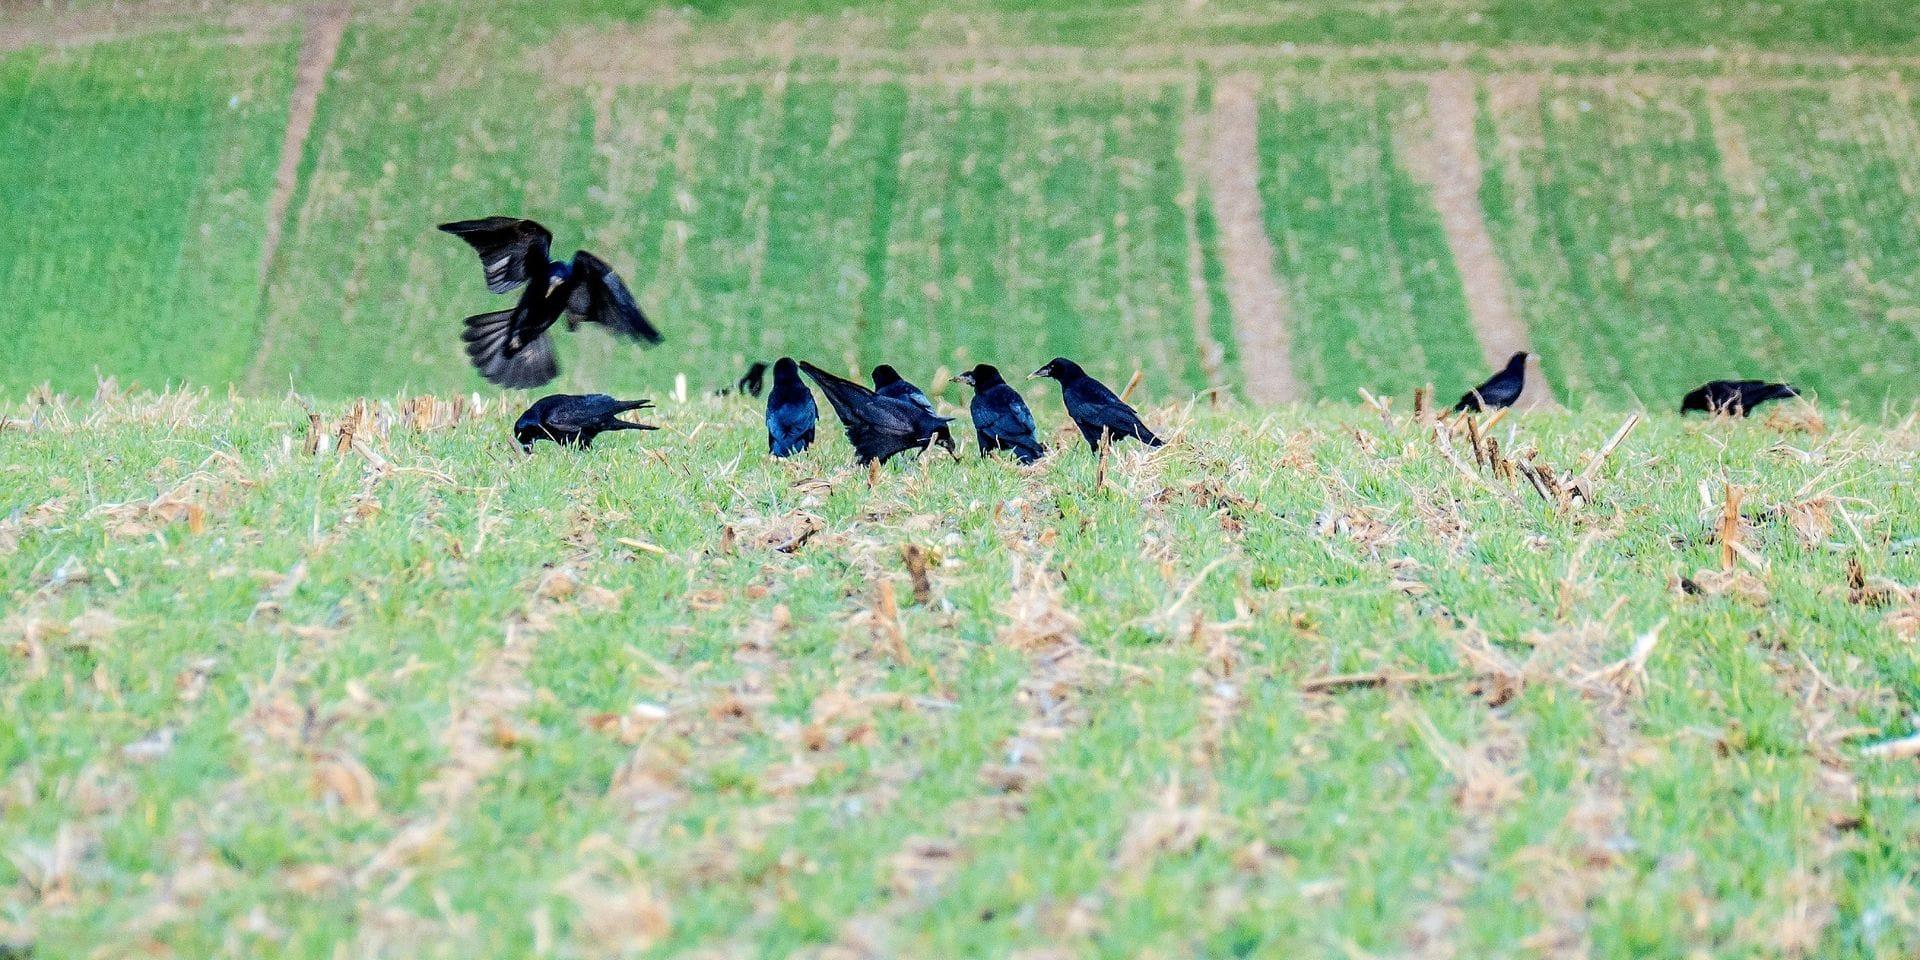 """Les corneilles et les blaireaux accusés de détruire champs et jardins: """"on dramatise la situation"""", répond Natagora"""